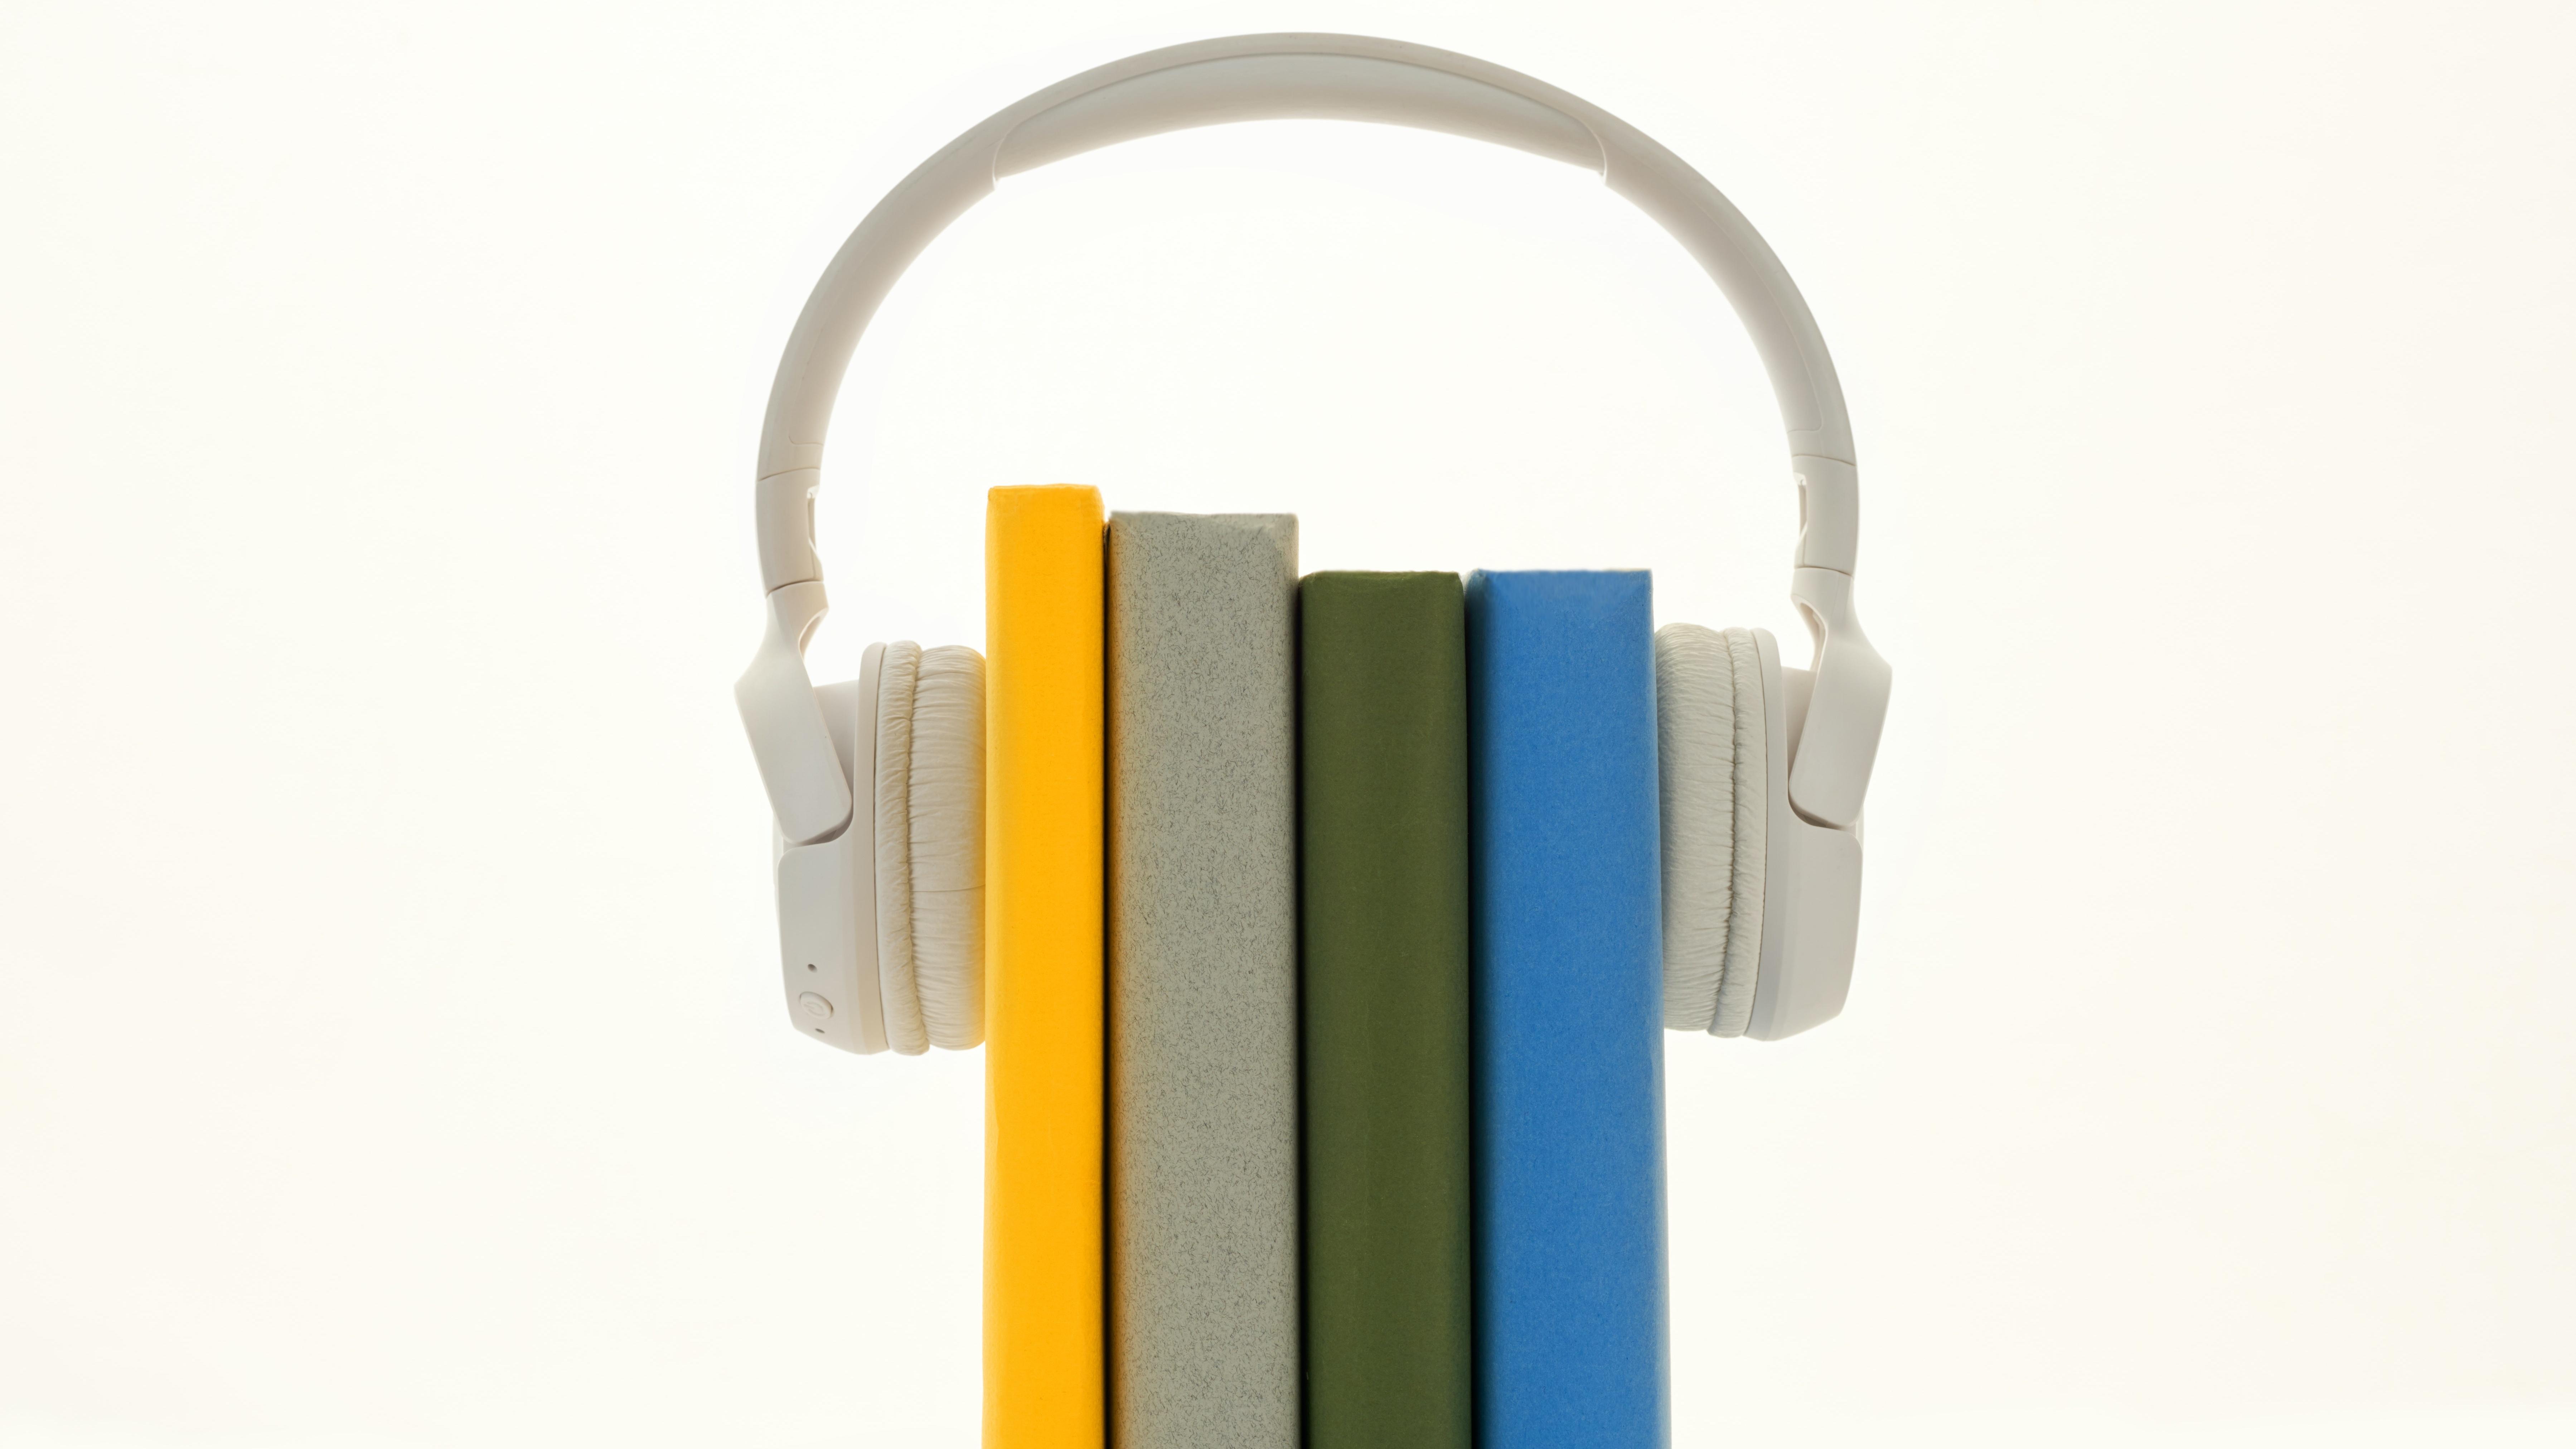 KPop Shops in Deutschland: Hier finden Sie Alben, Merch und mehr